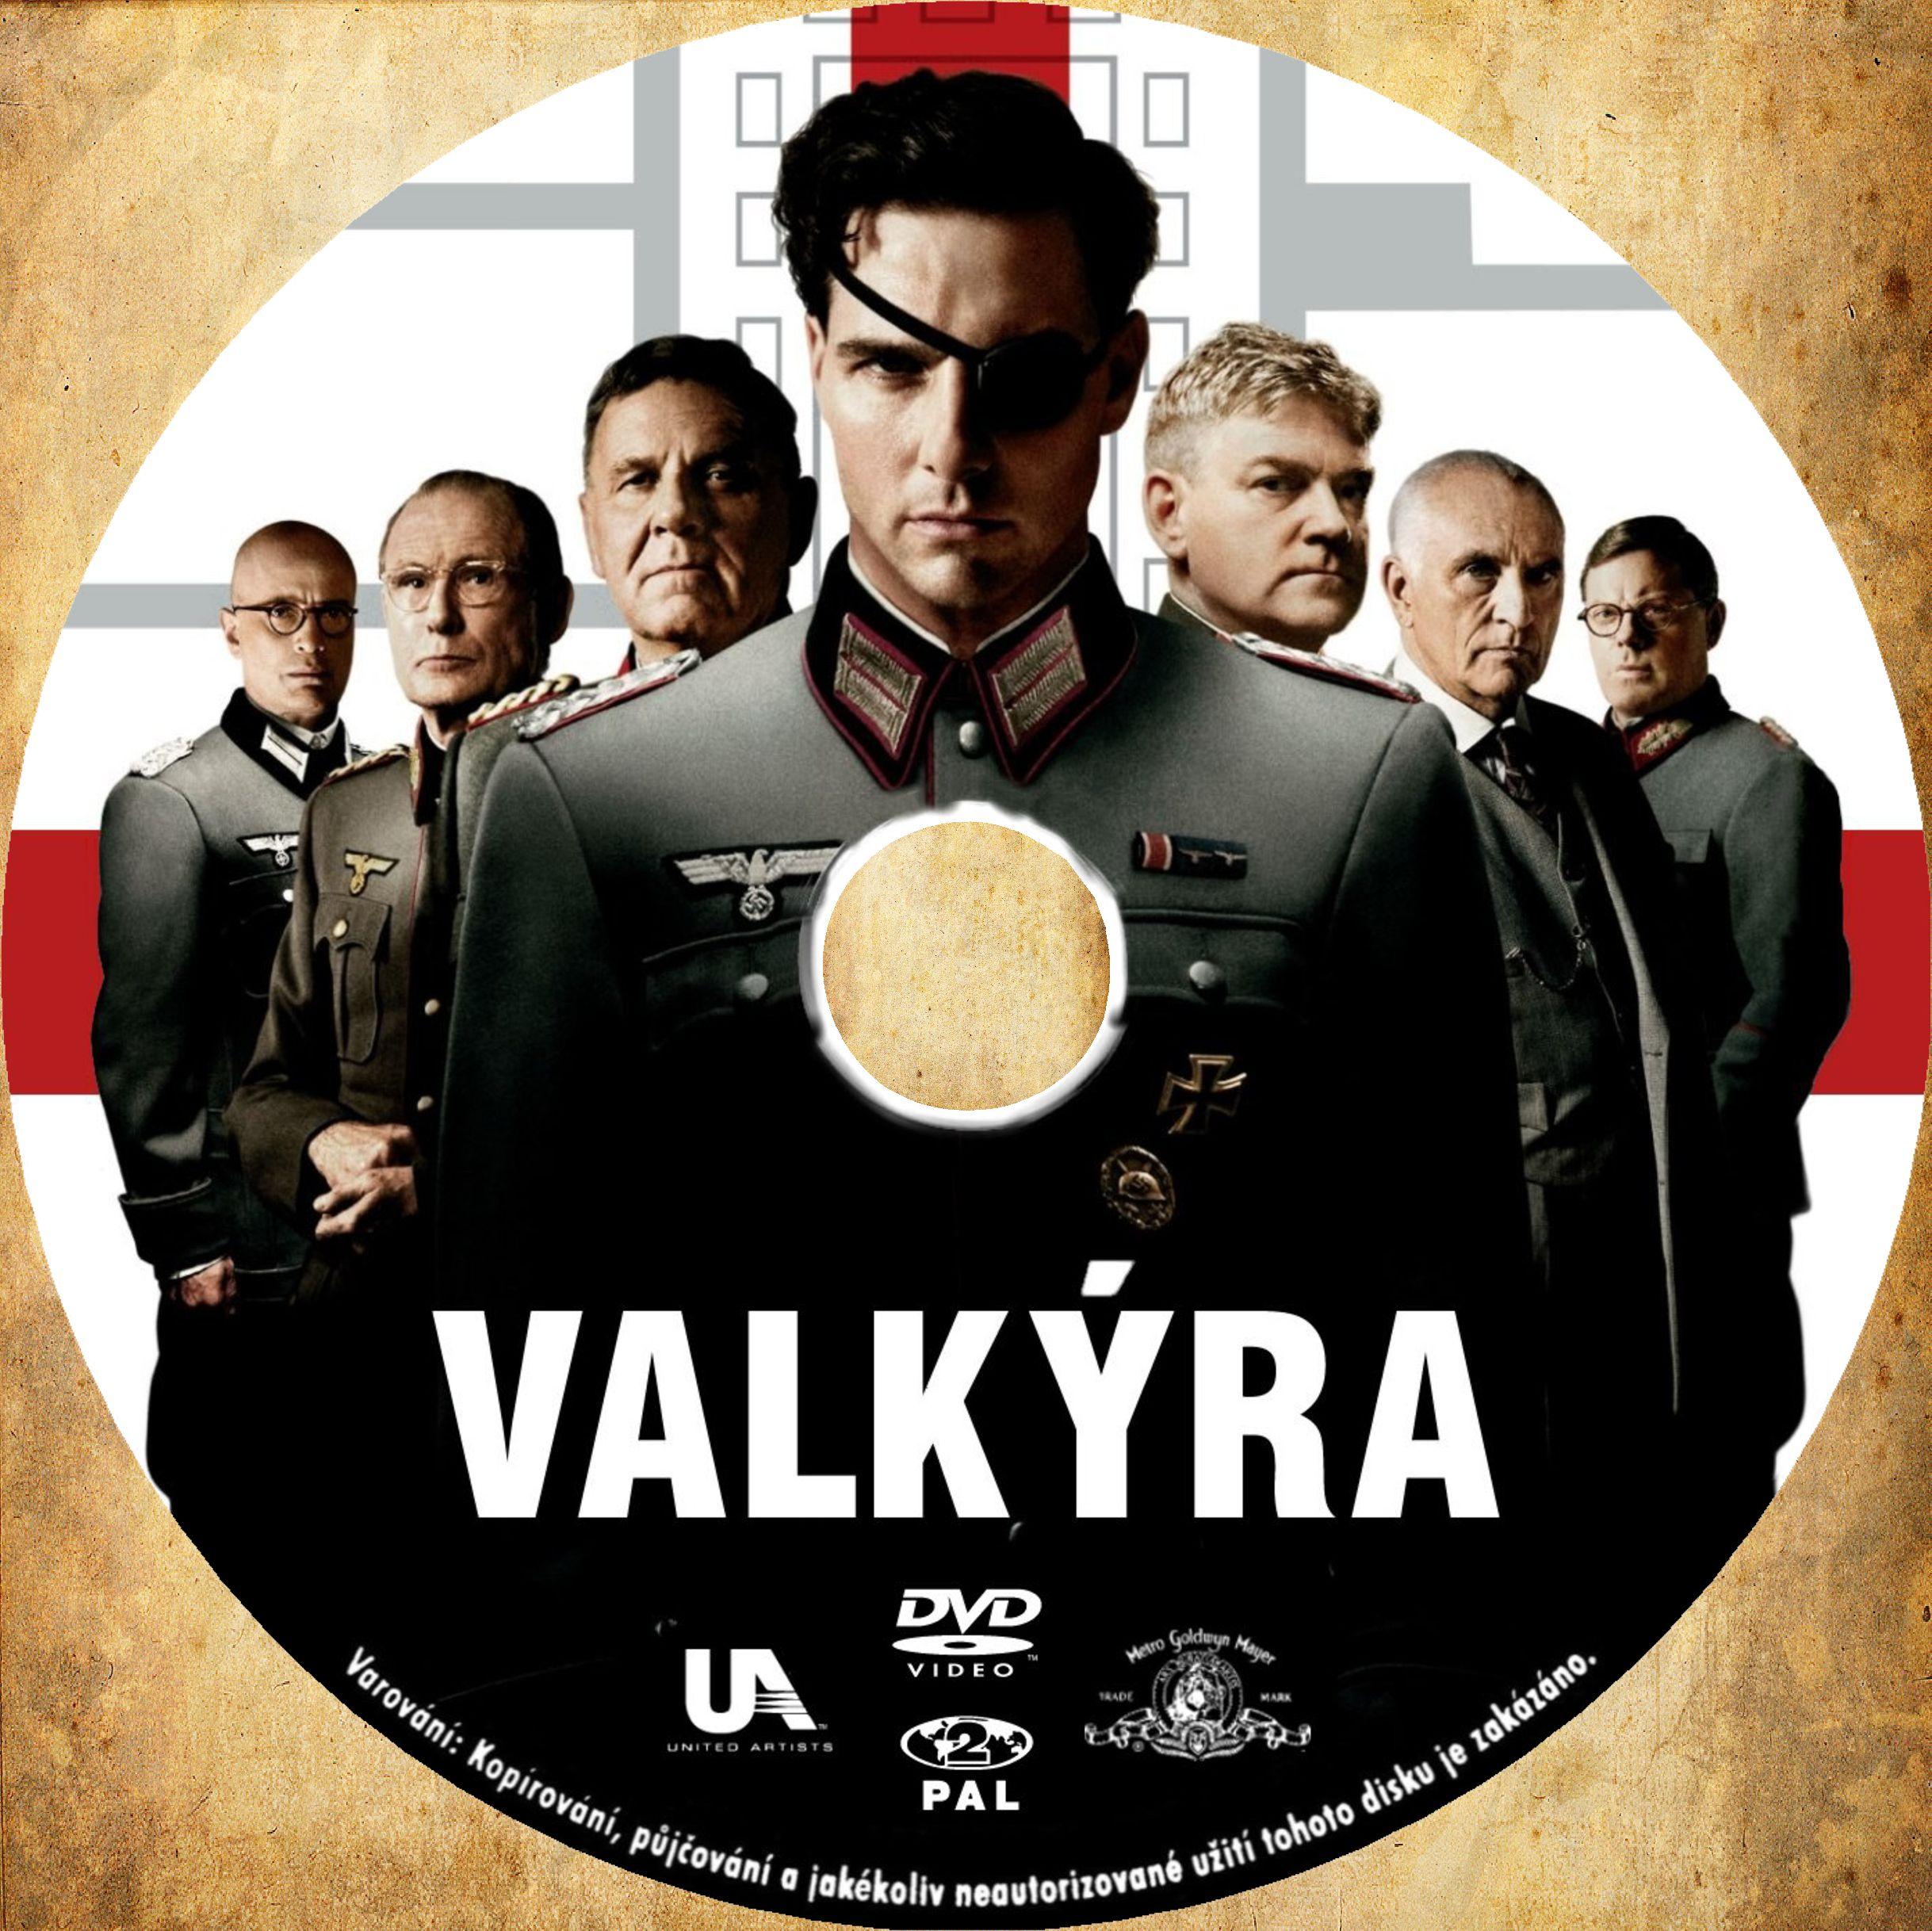 Covers Box Sk Valkyrie 2008 High Quality Dvd Blueray Movie